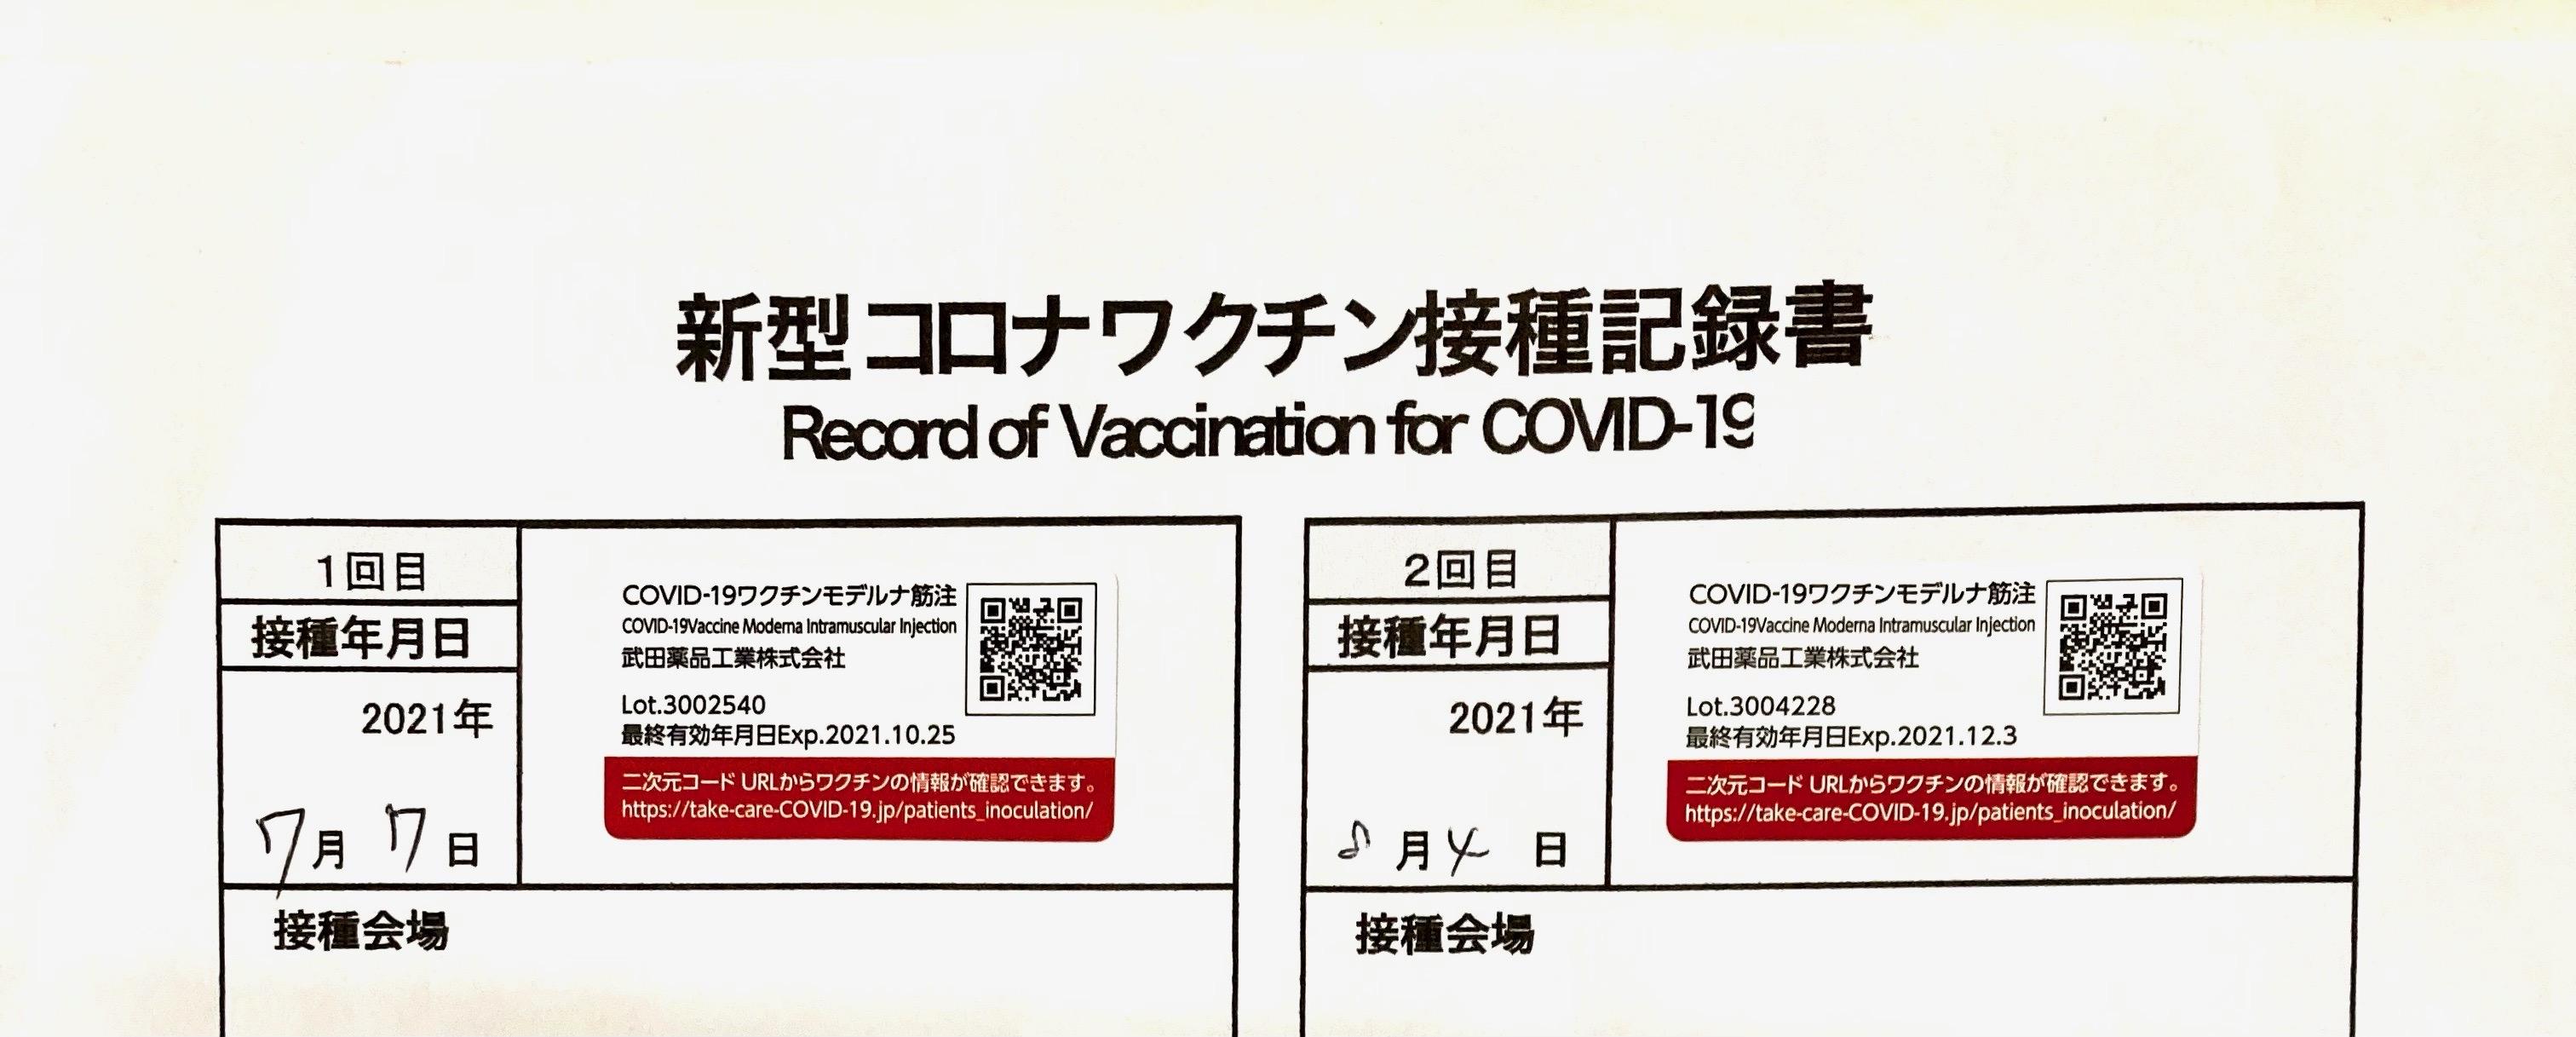 2回目のワクチン接種が完了しました